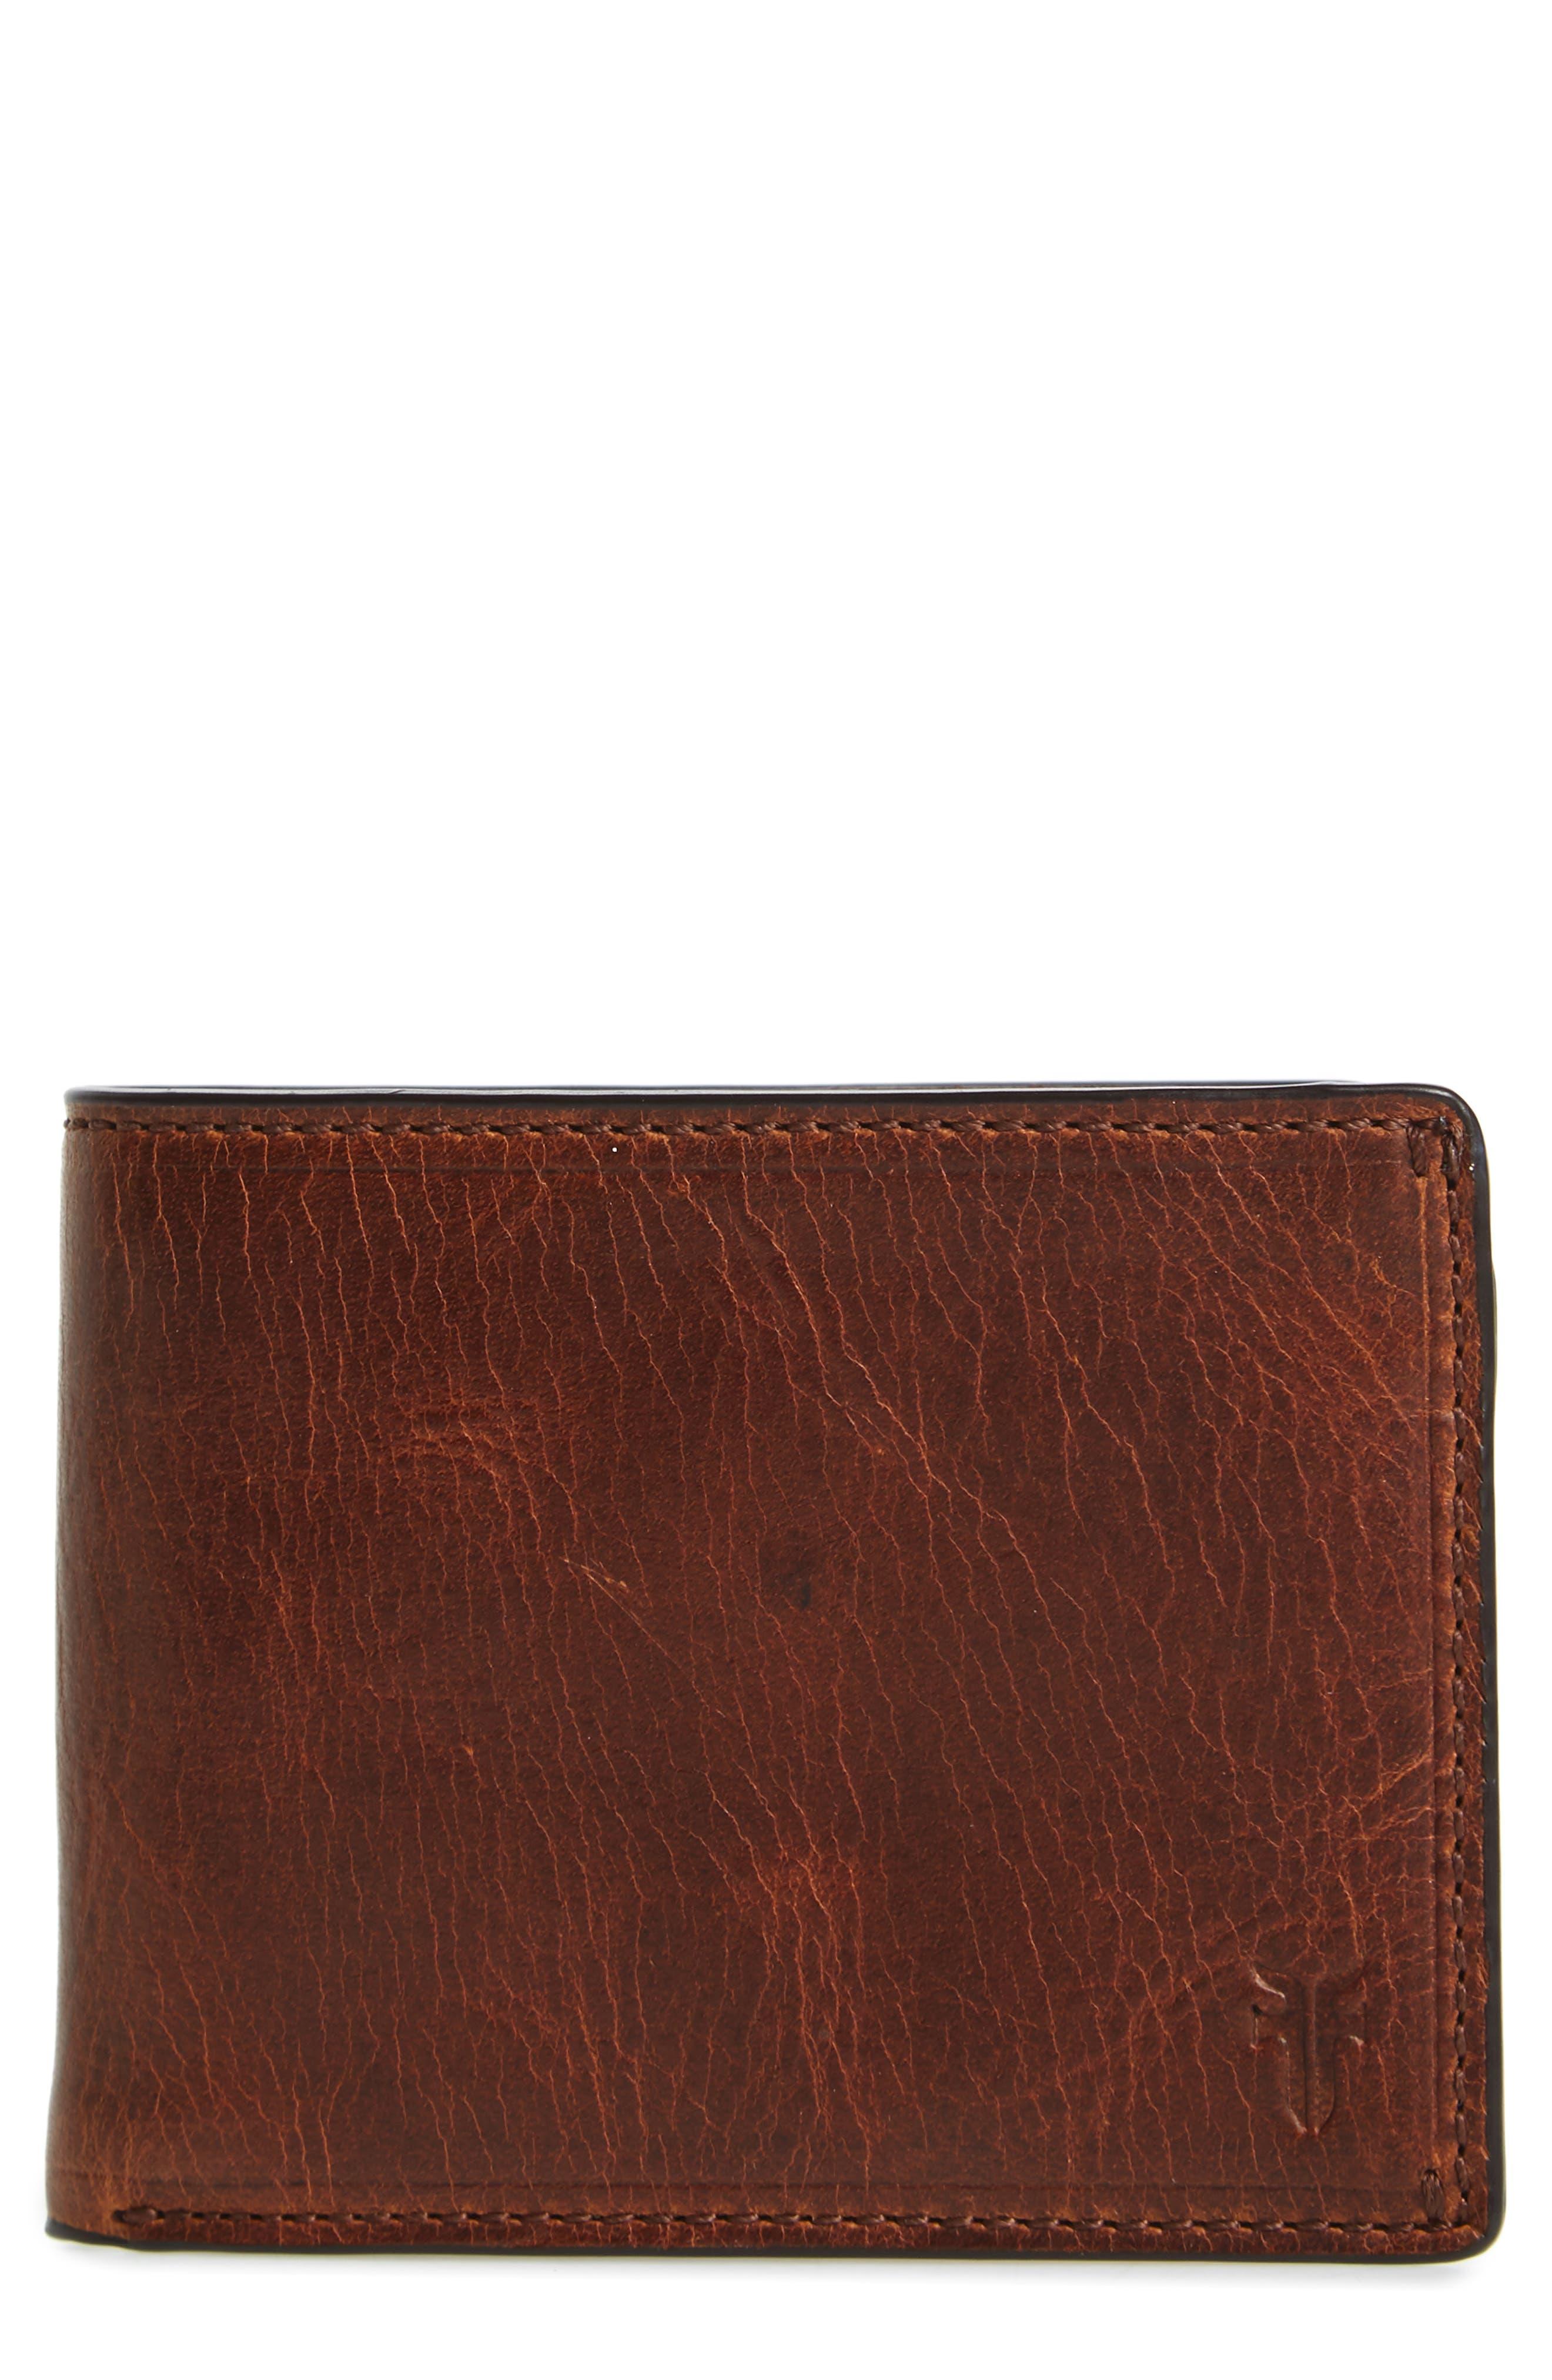 Logan Leather Wallet,                         Main,                         color, Cognac